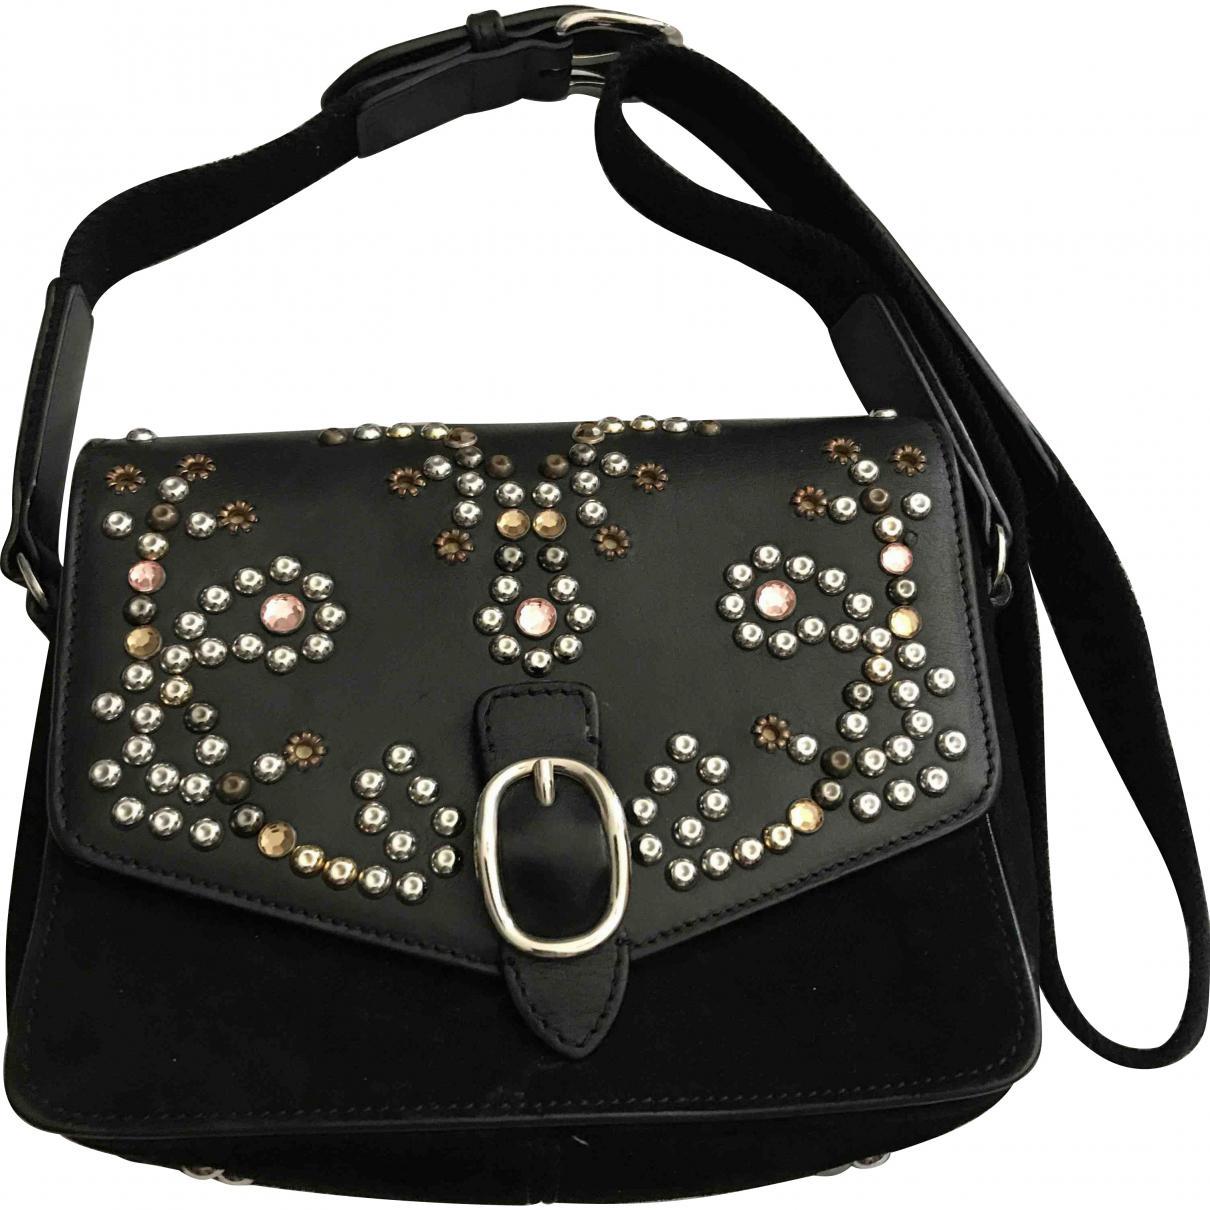 Pre-owned - Leather handbag Isabel Marant yXNYj46o